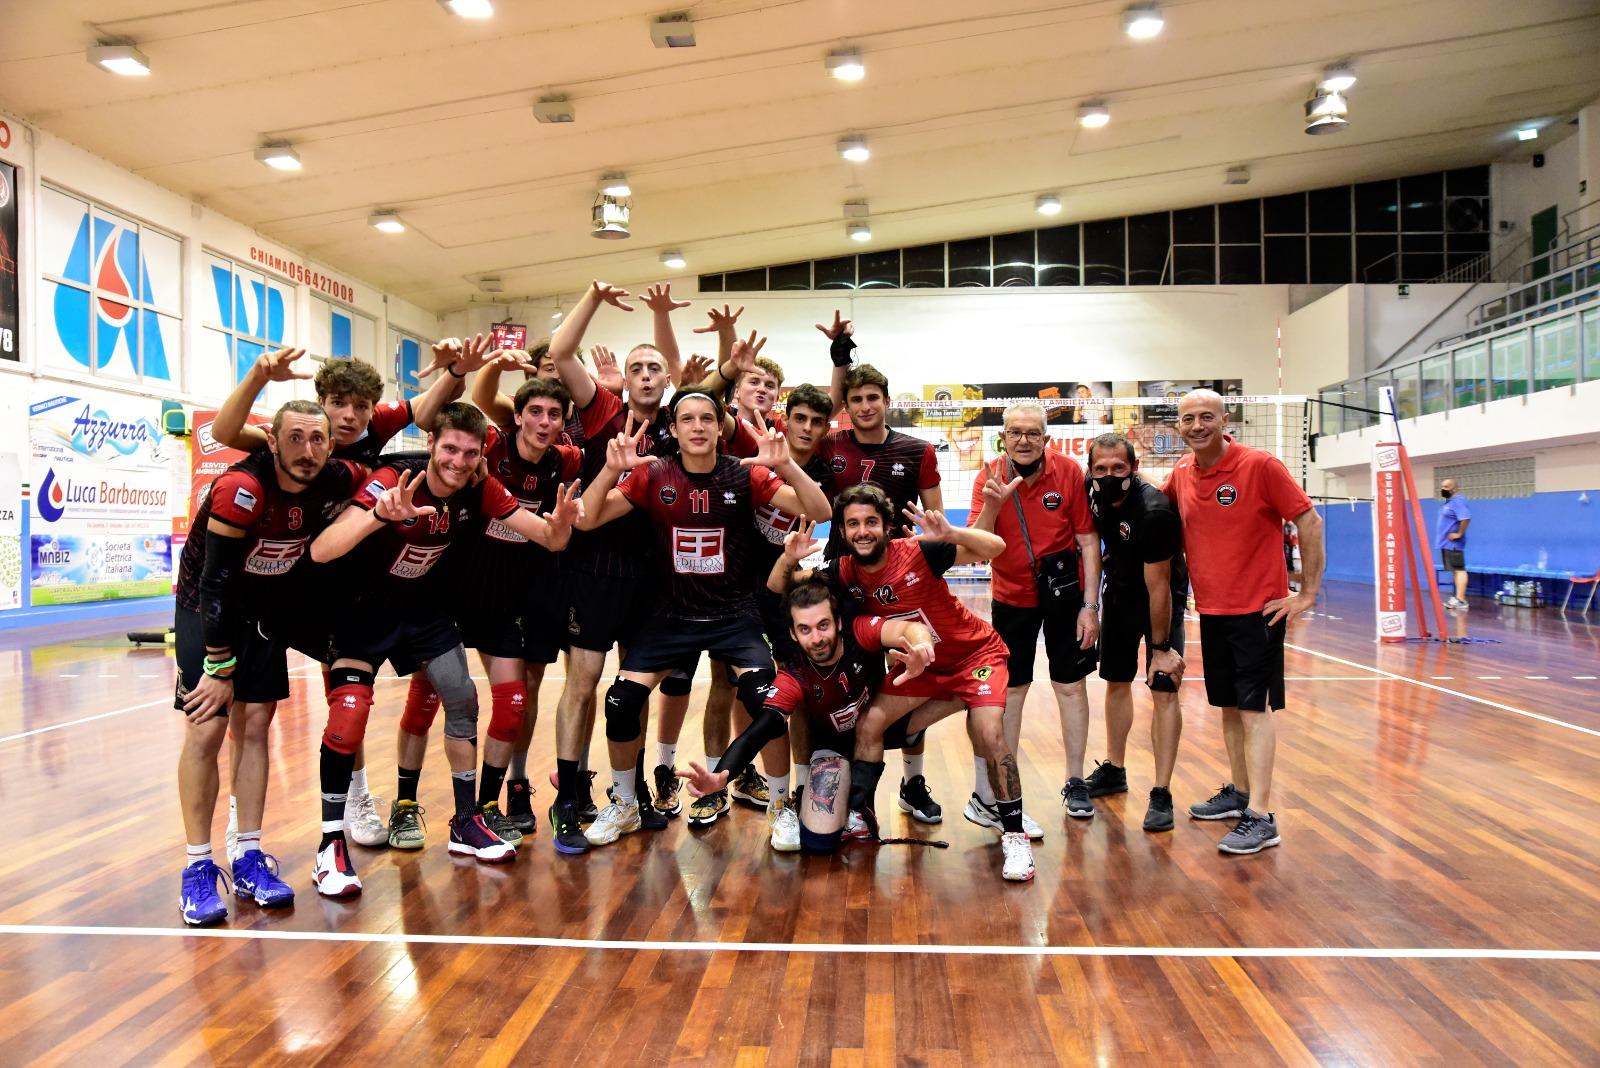 invictavolleyball-squadra-coppa-italia-serie-D-gara-uno-Volley-Prato